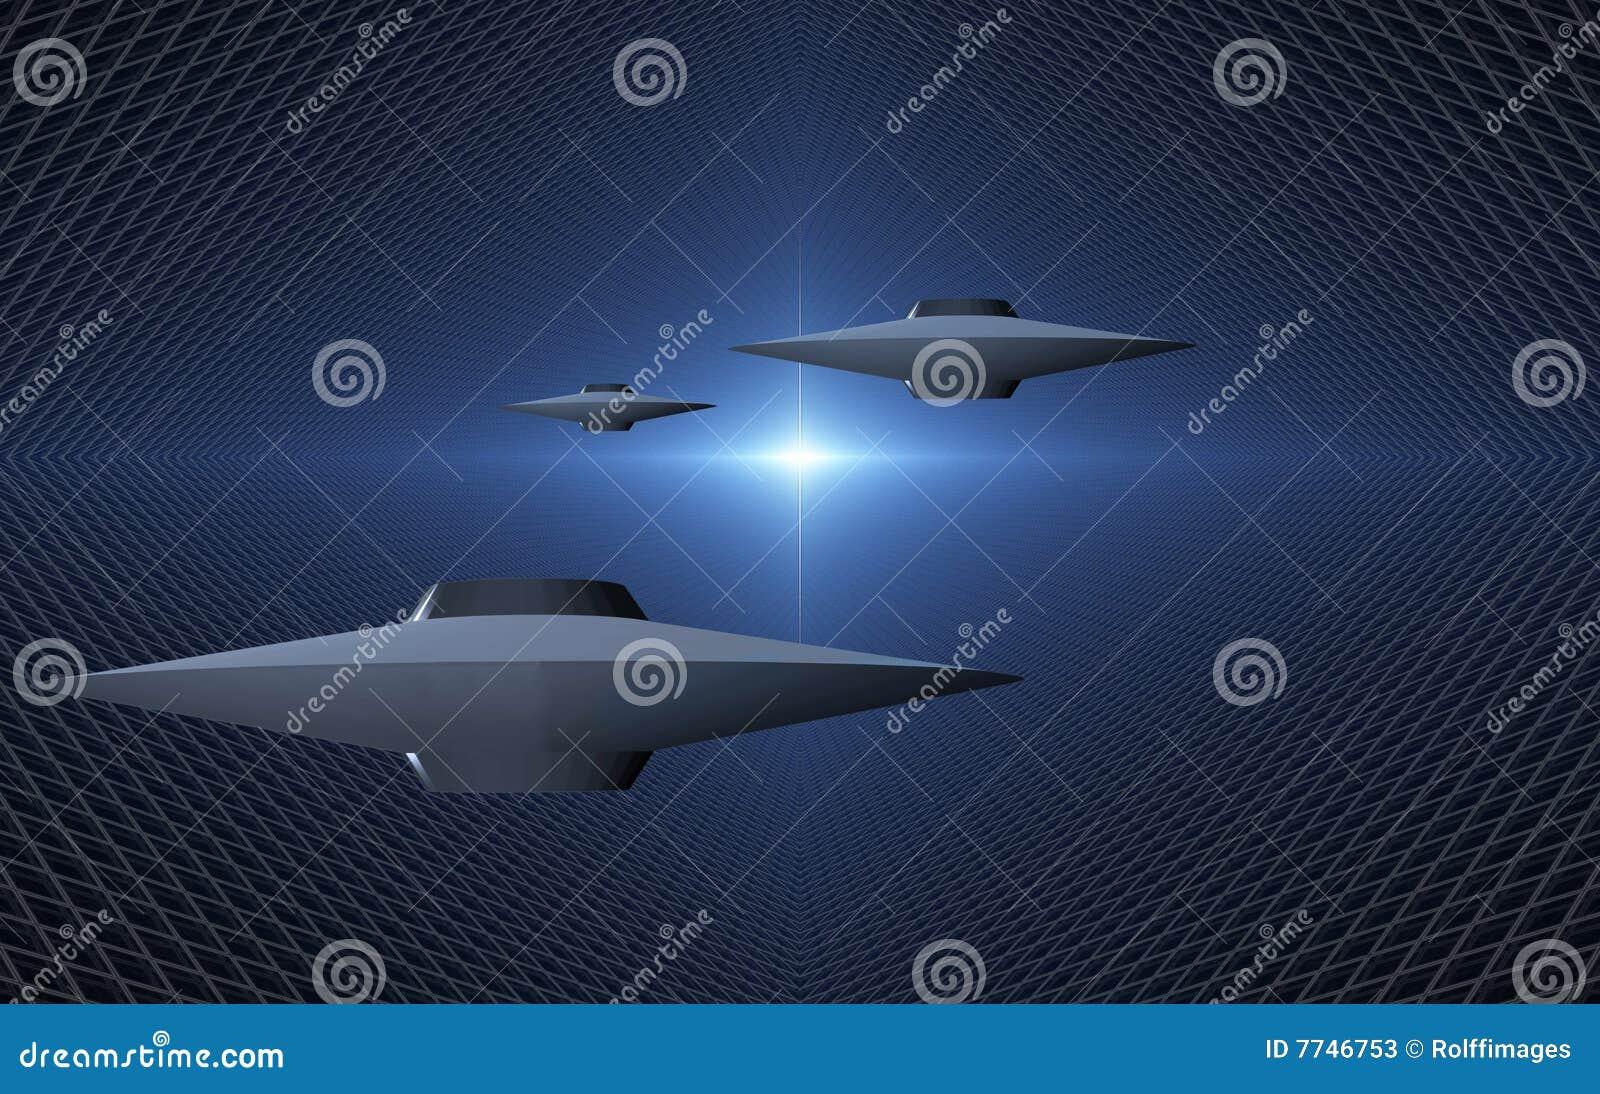 Interstellar ships